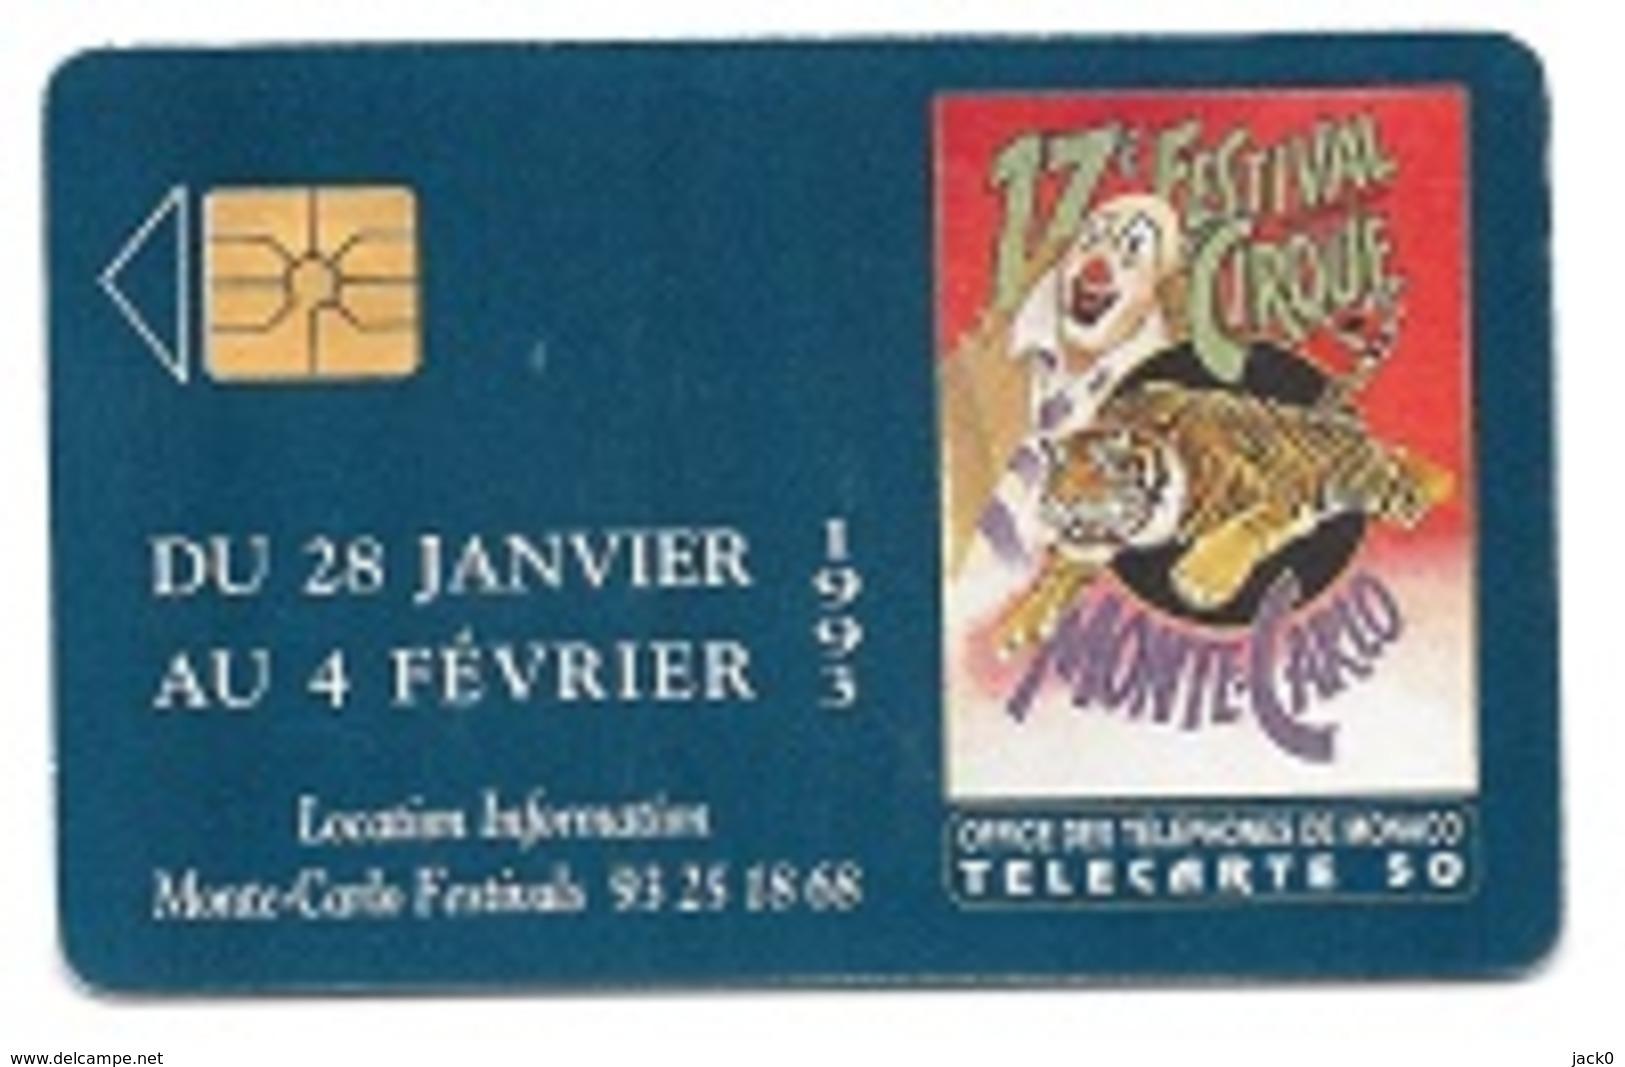 Télécarte  Ville MONACO, 17 è Festival Du Cirque, M F 25, 50 U, 12 - 92, 100 000 Ex - Monaco